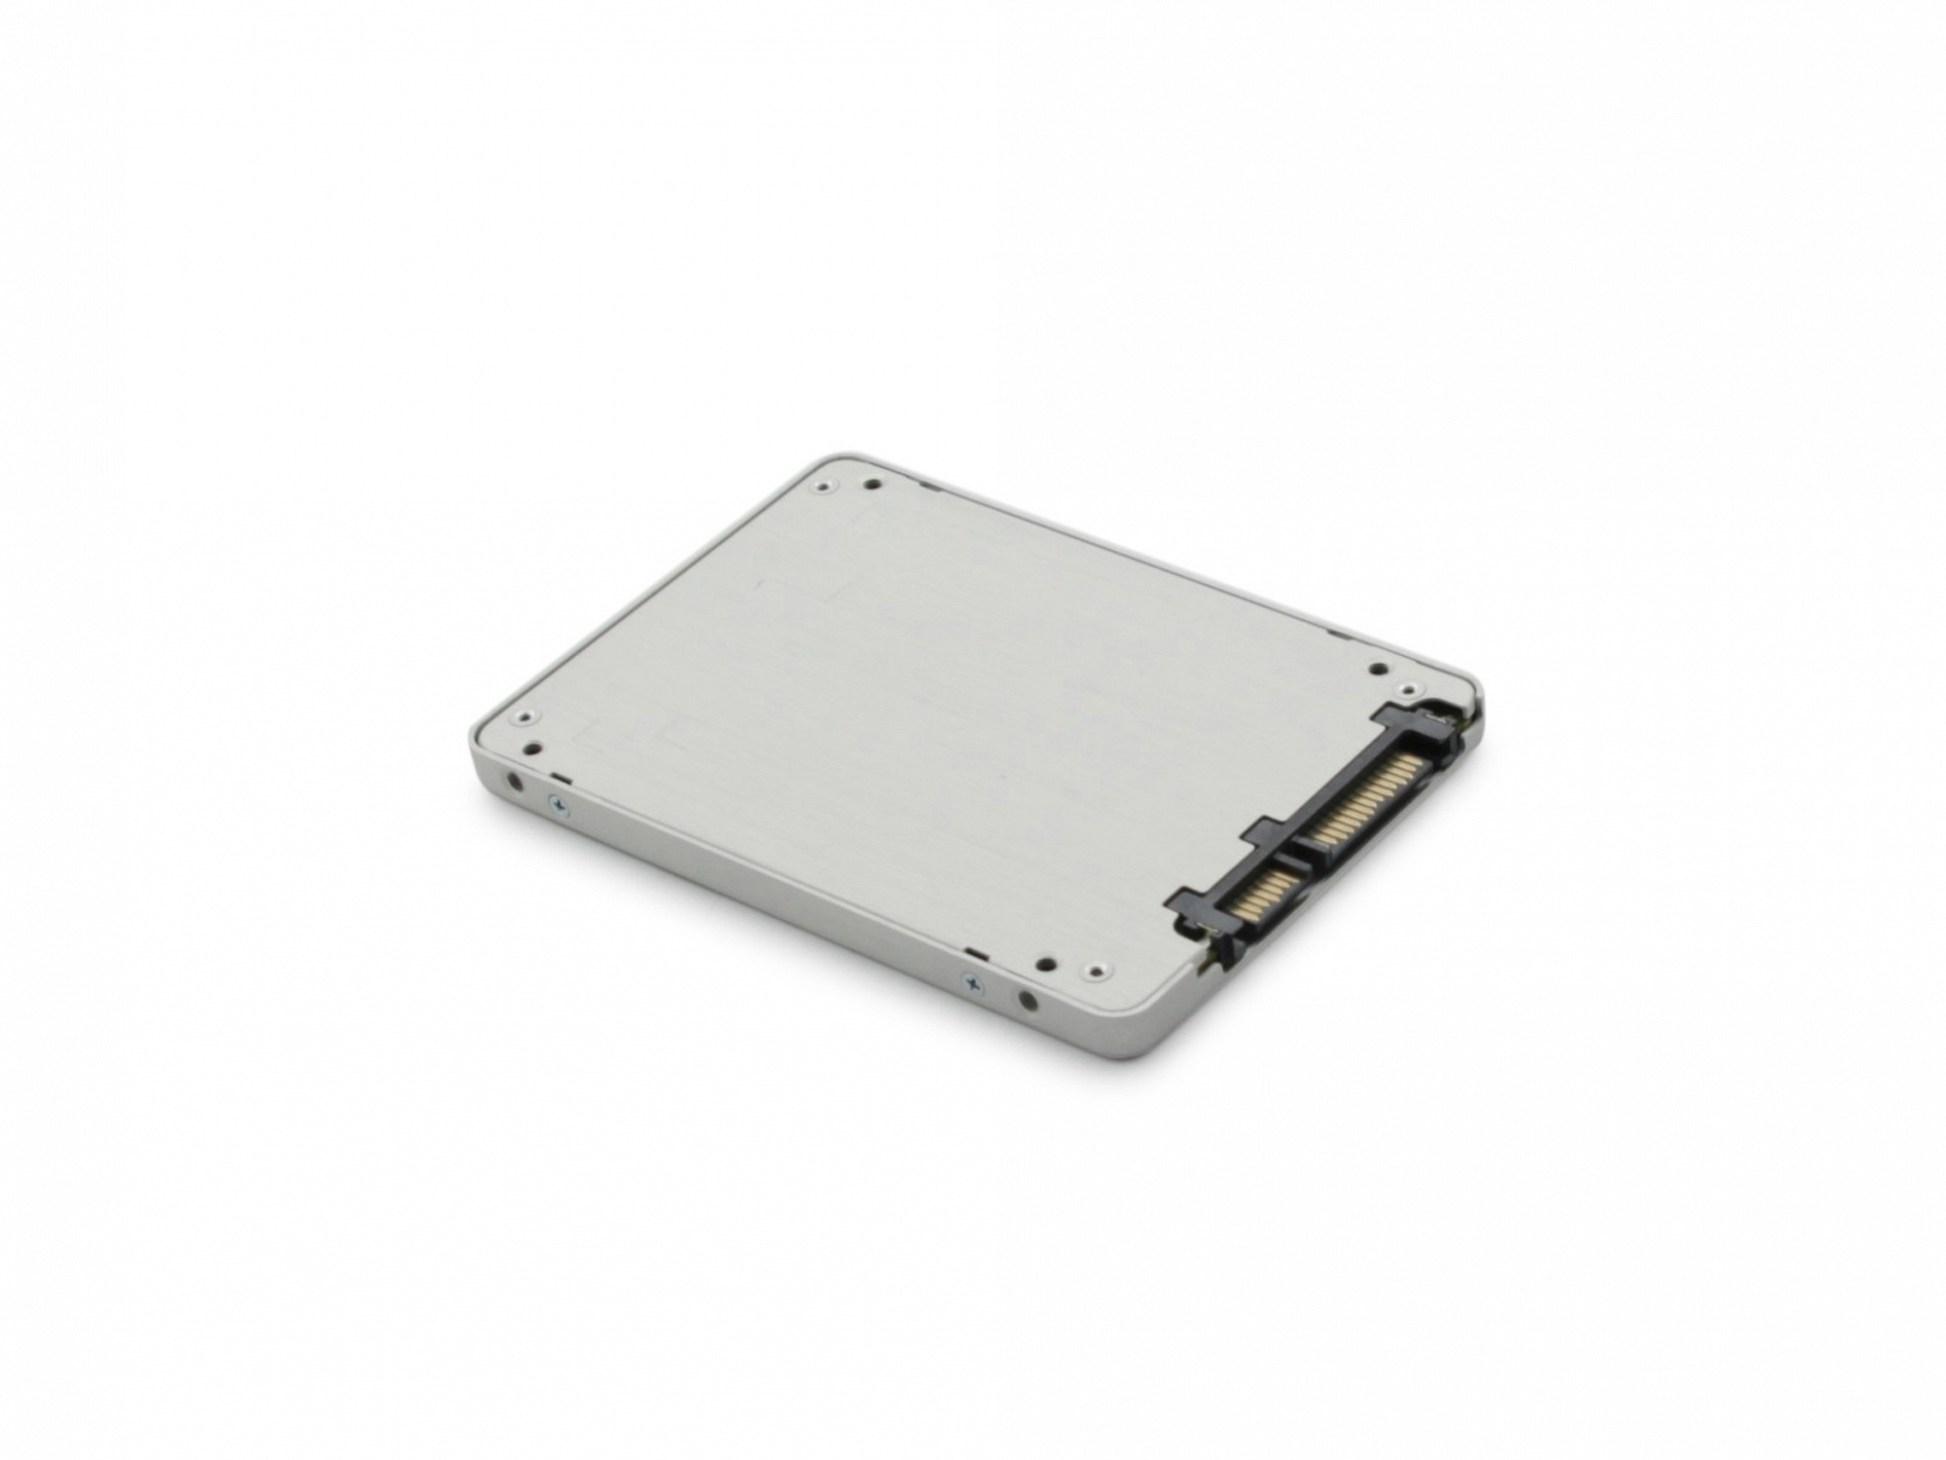 SATA SSD-Festplatte - 256GB für Wortmann Terra Mobile 1509 (1220111)